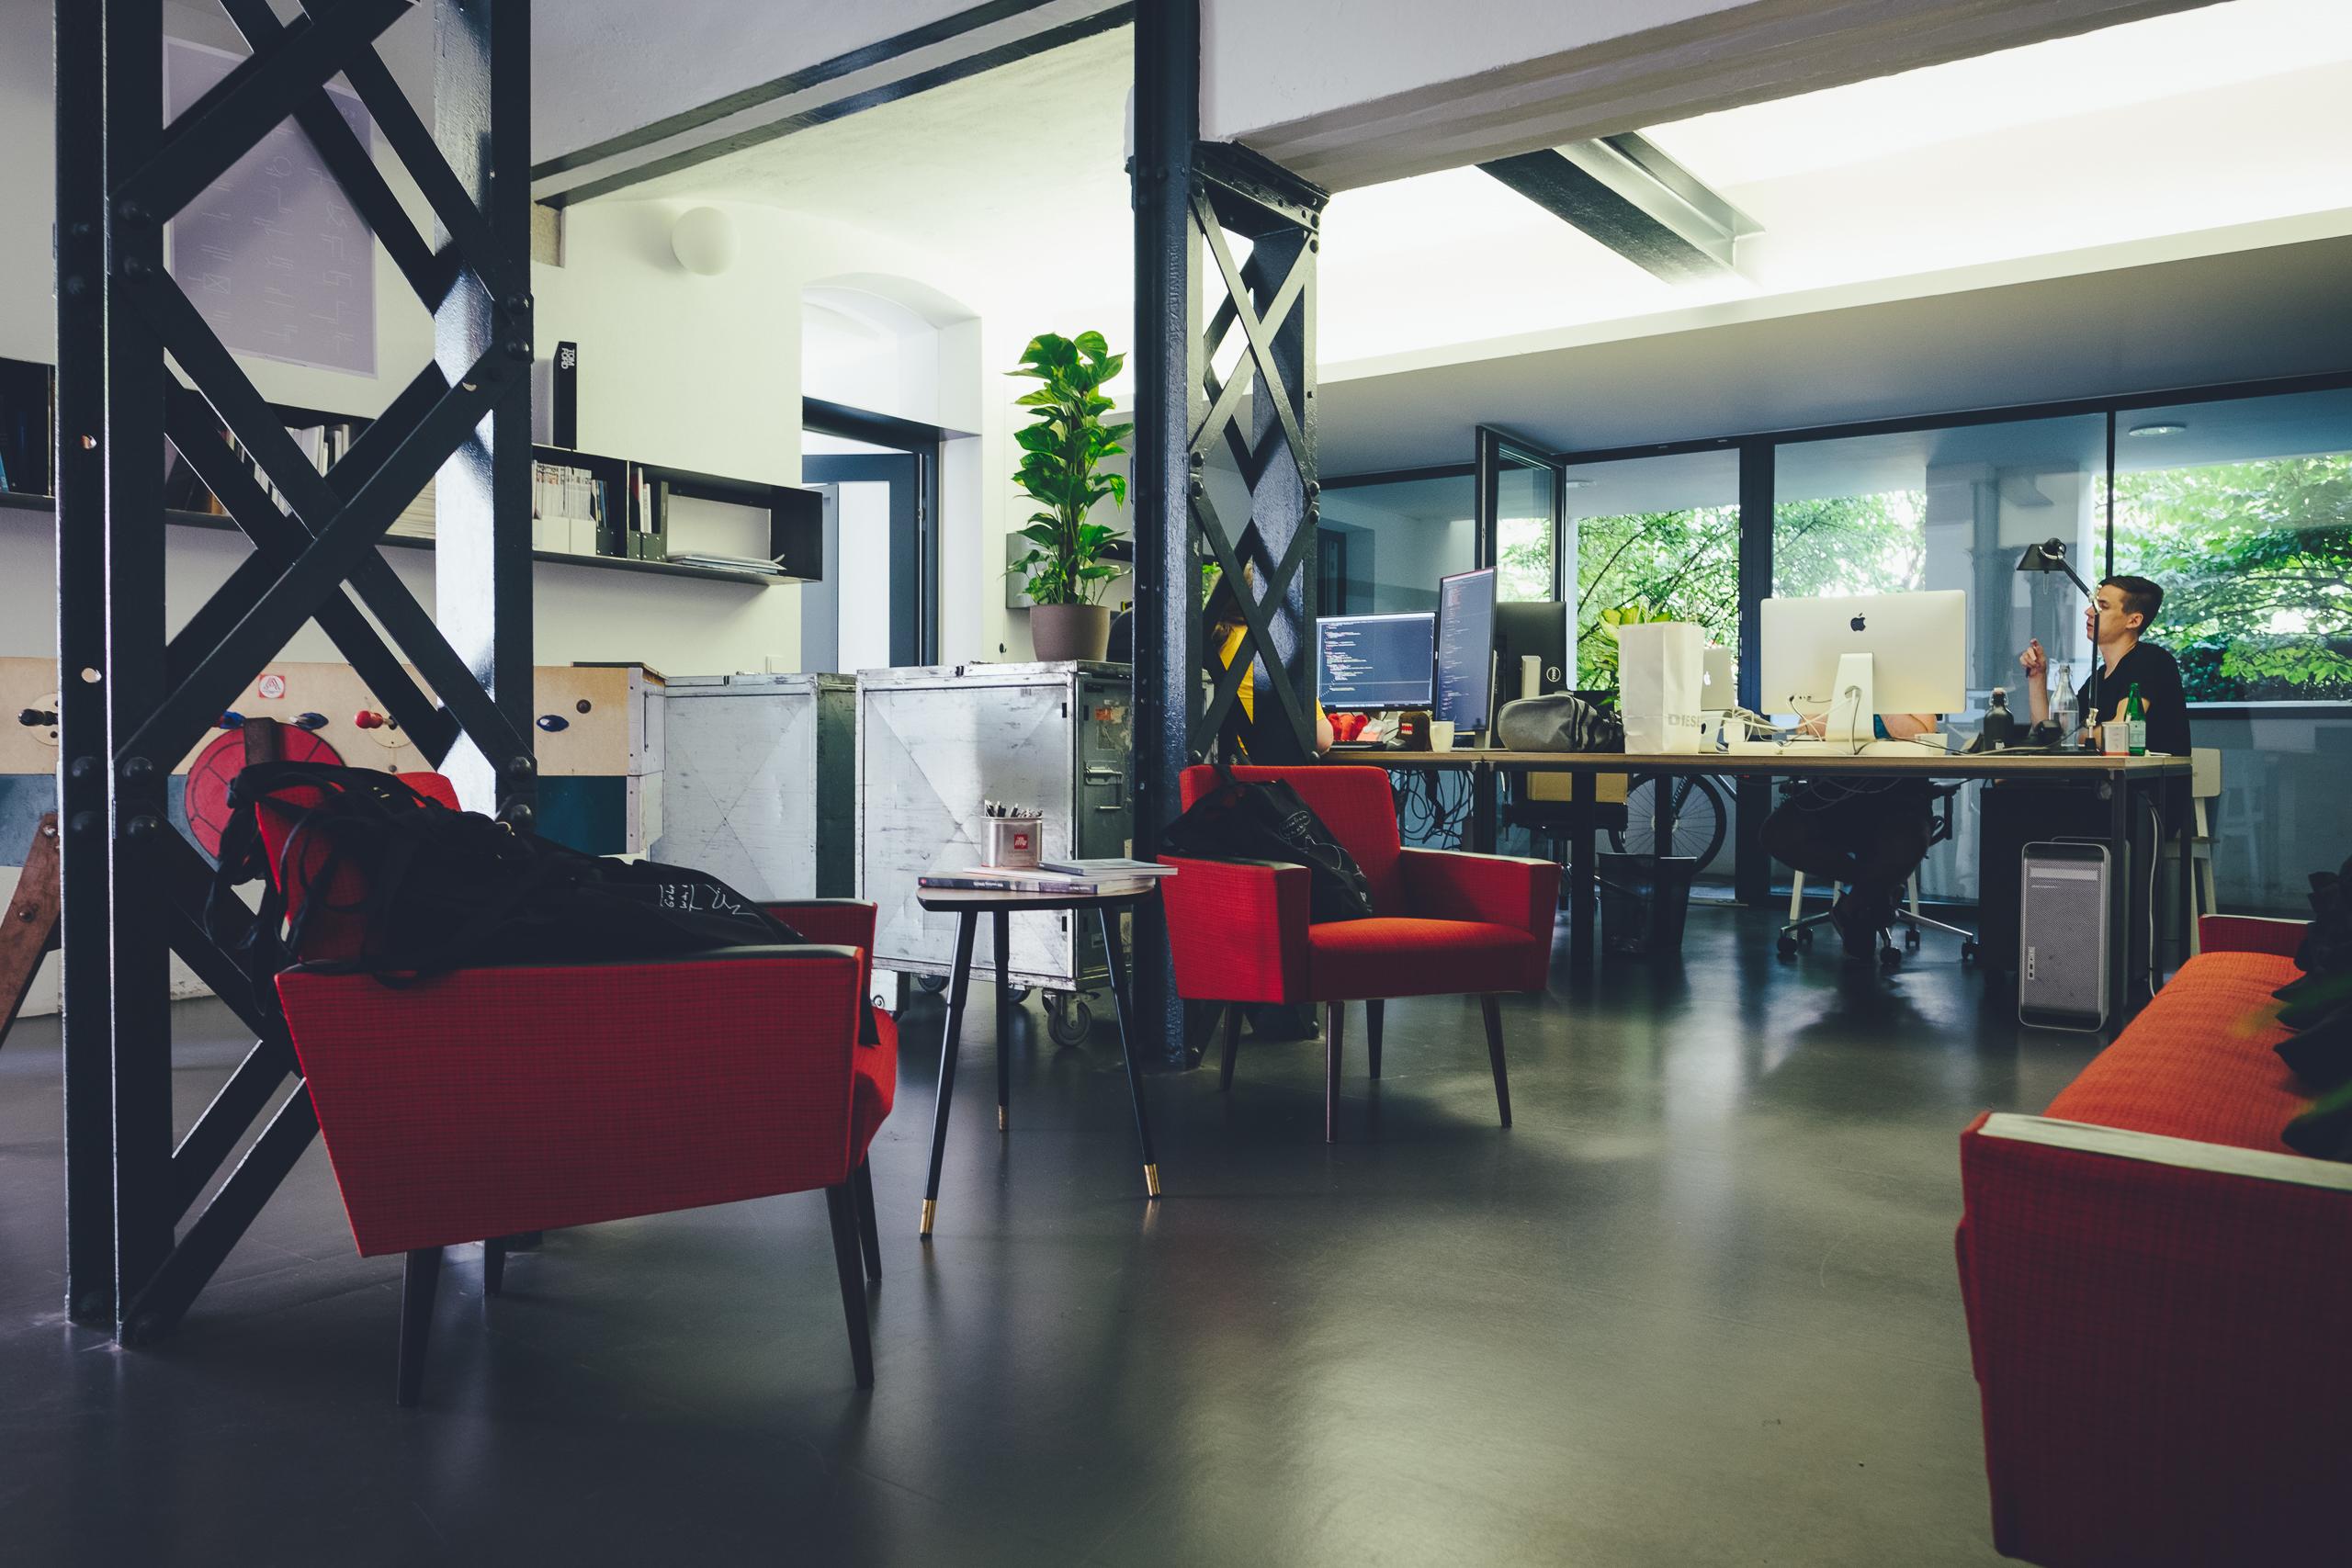 Büro Linz von innen